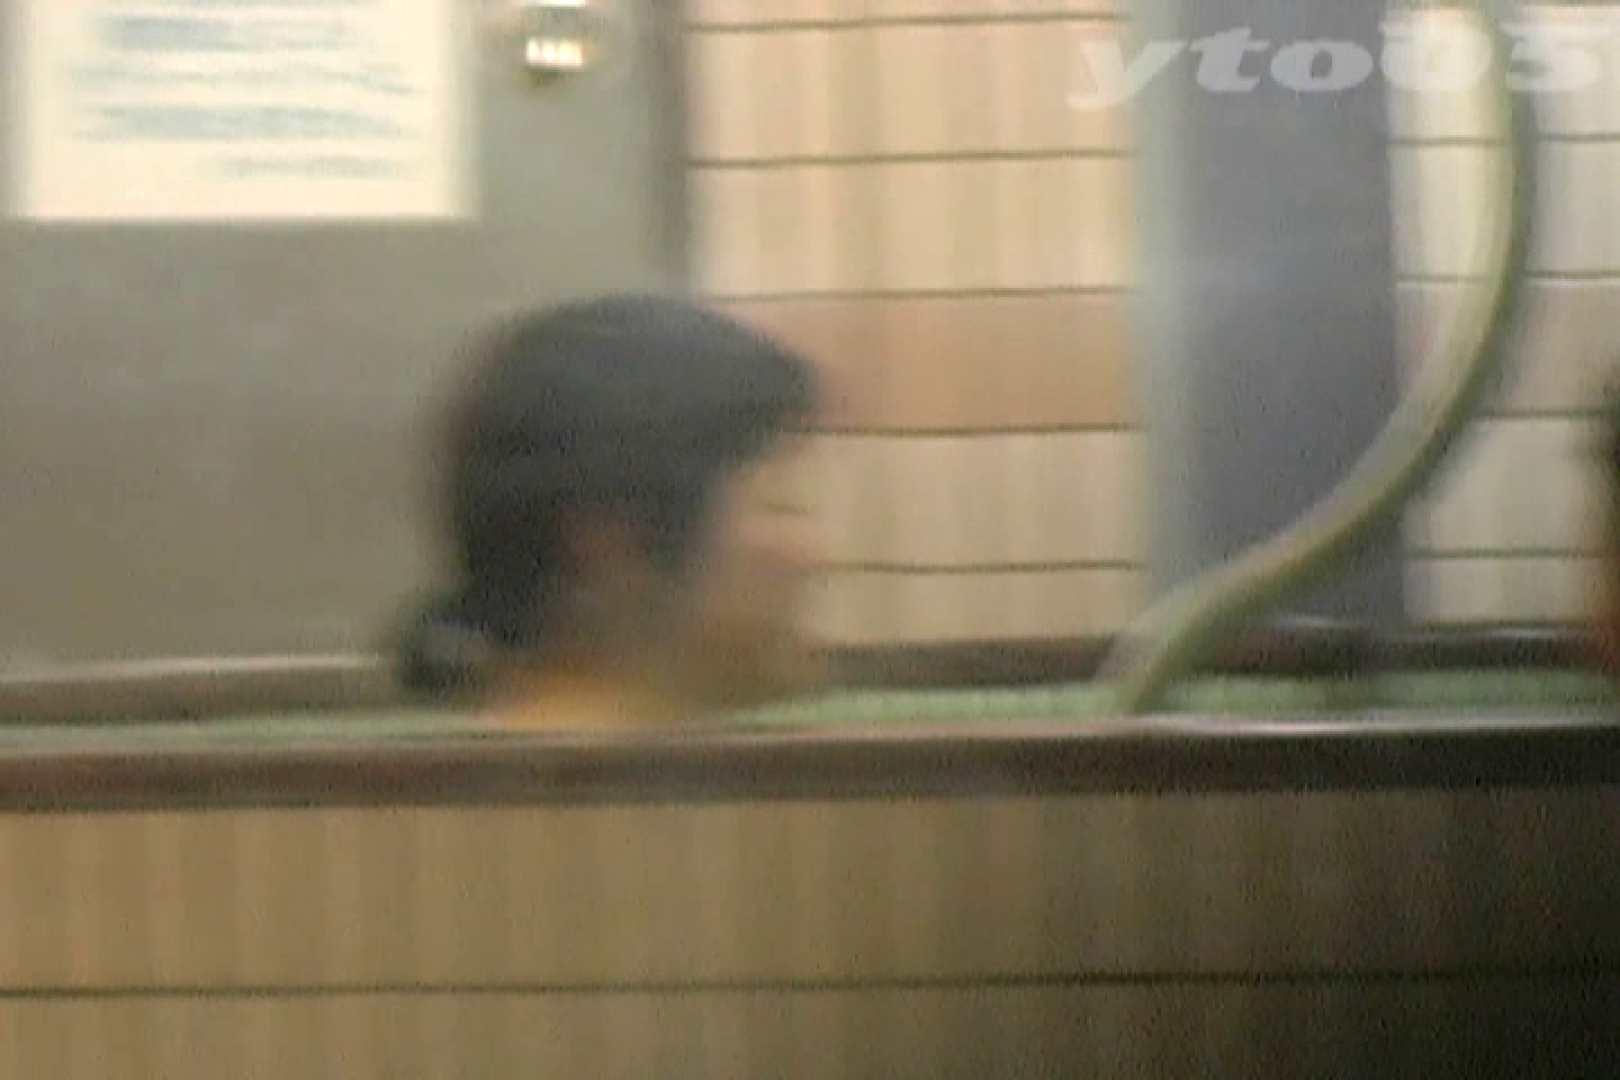 ▲復活限定▲合宿ホテル女風呂盗撮 Vol.29 期間限定シリーズ ワレメ動画紹介 93画像 27